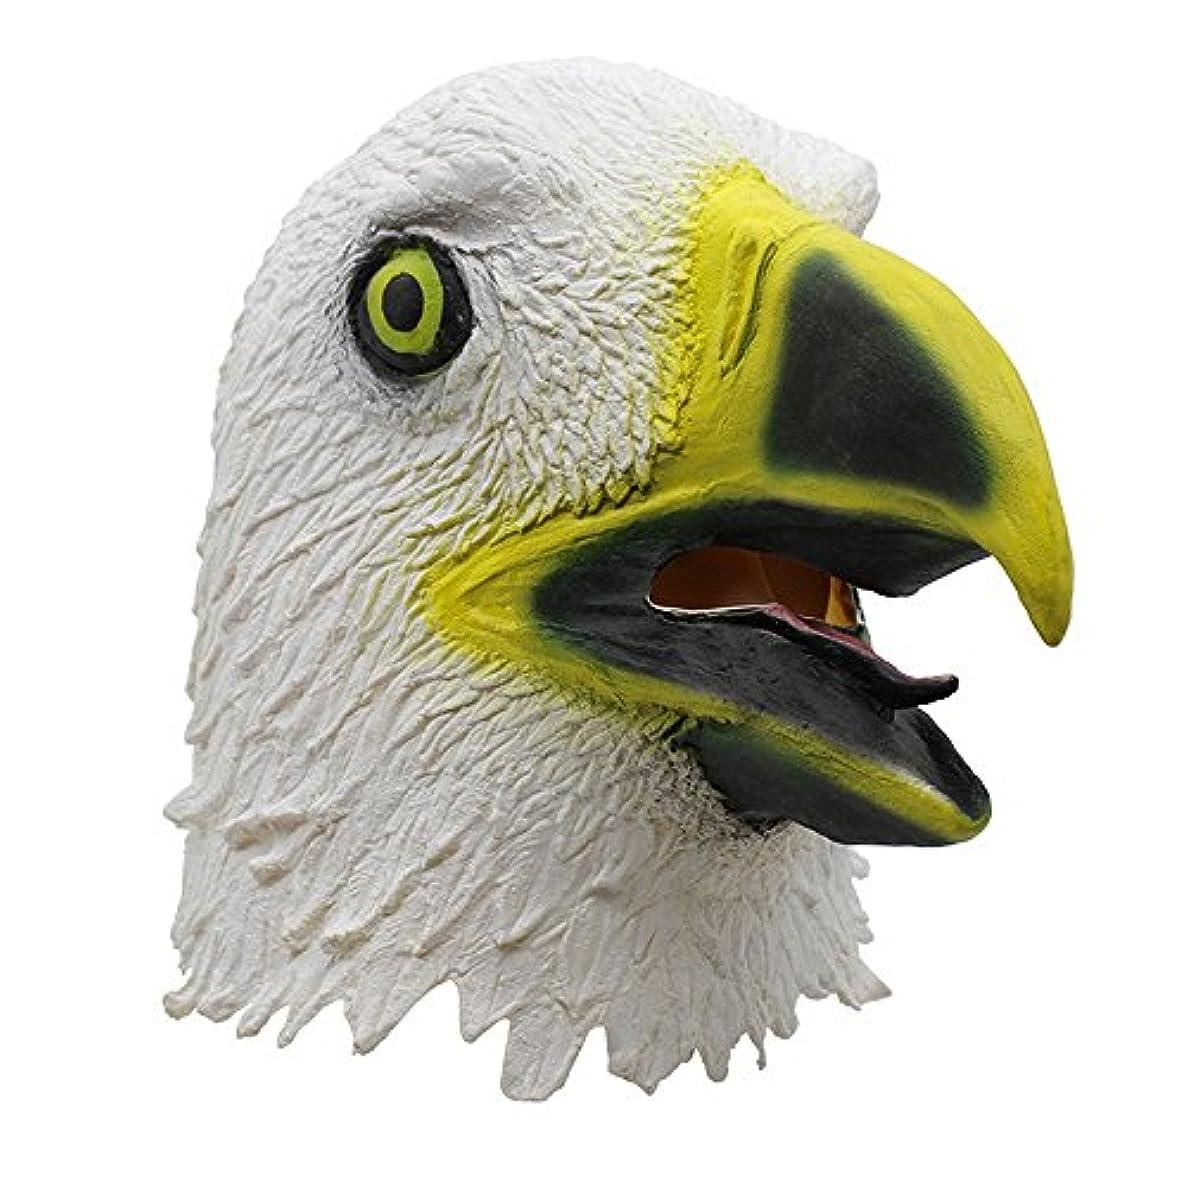 リールセンチメンタルリーン空白のイーグルフードトリッキーな現実的なマスクバーCOS怖い高騰 (Color : A)